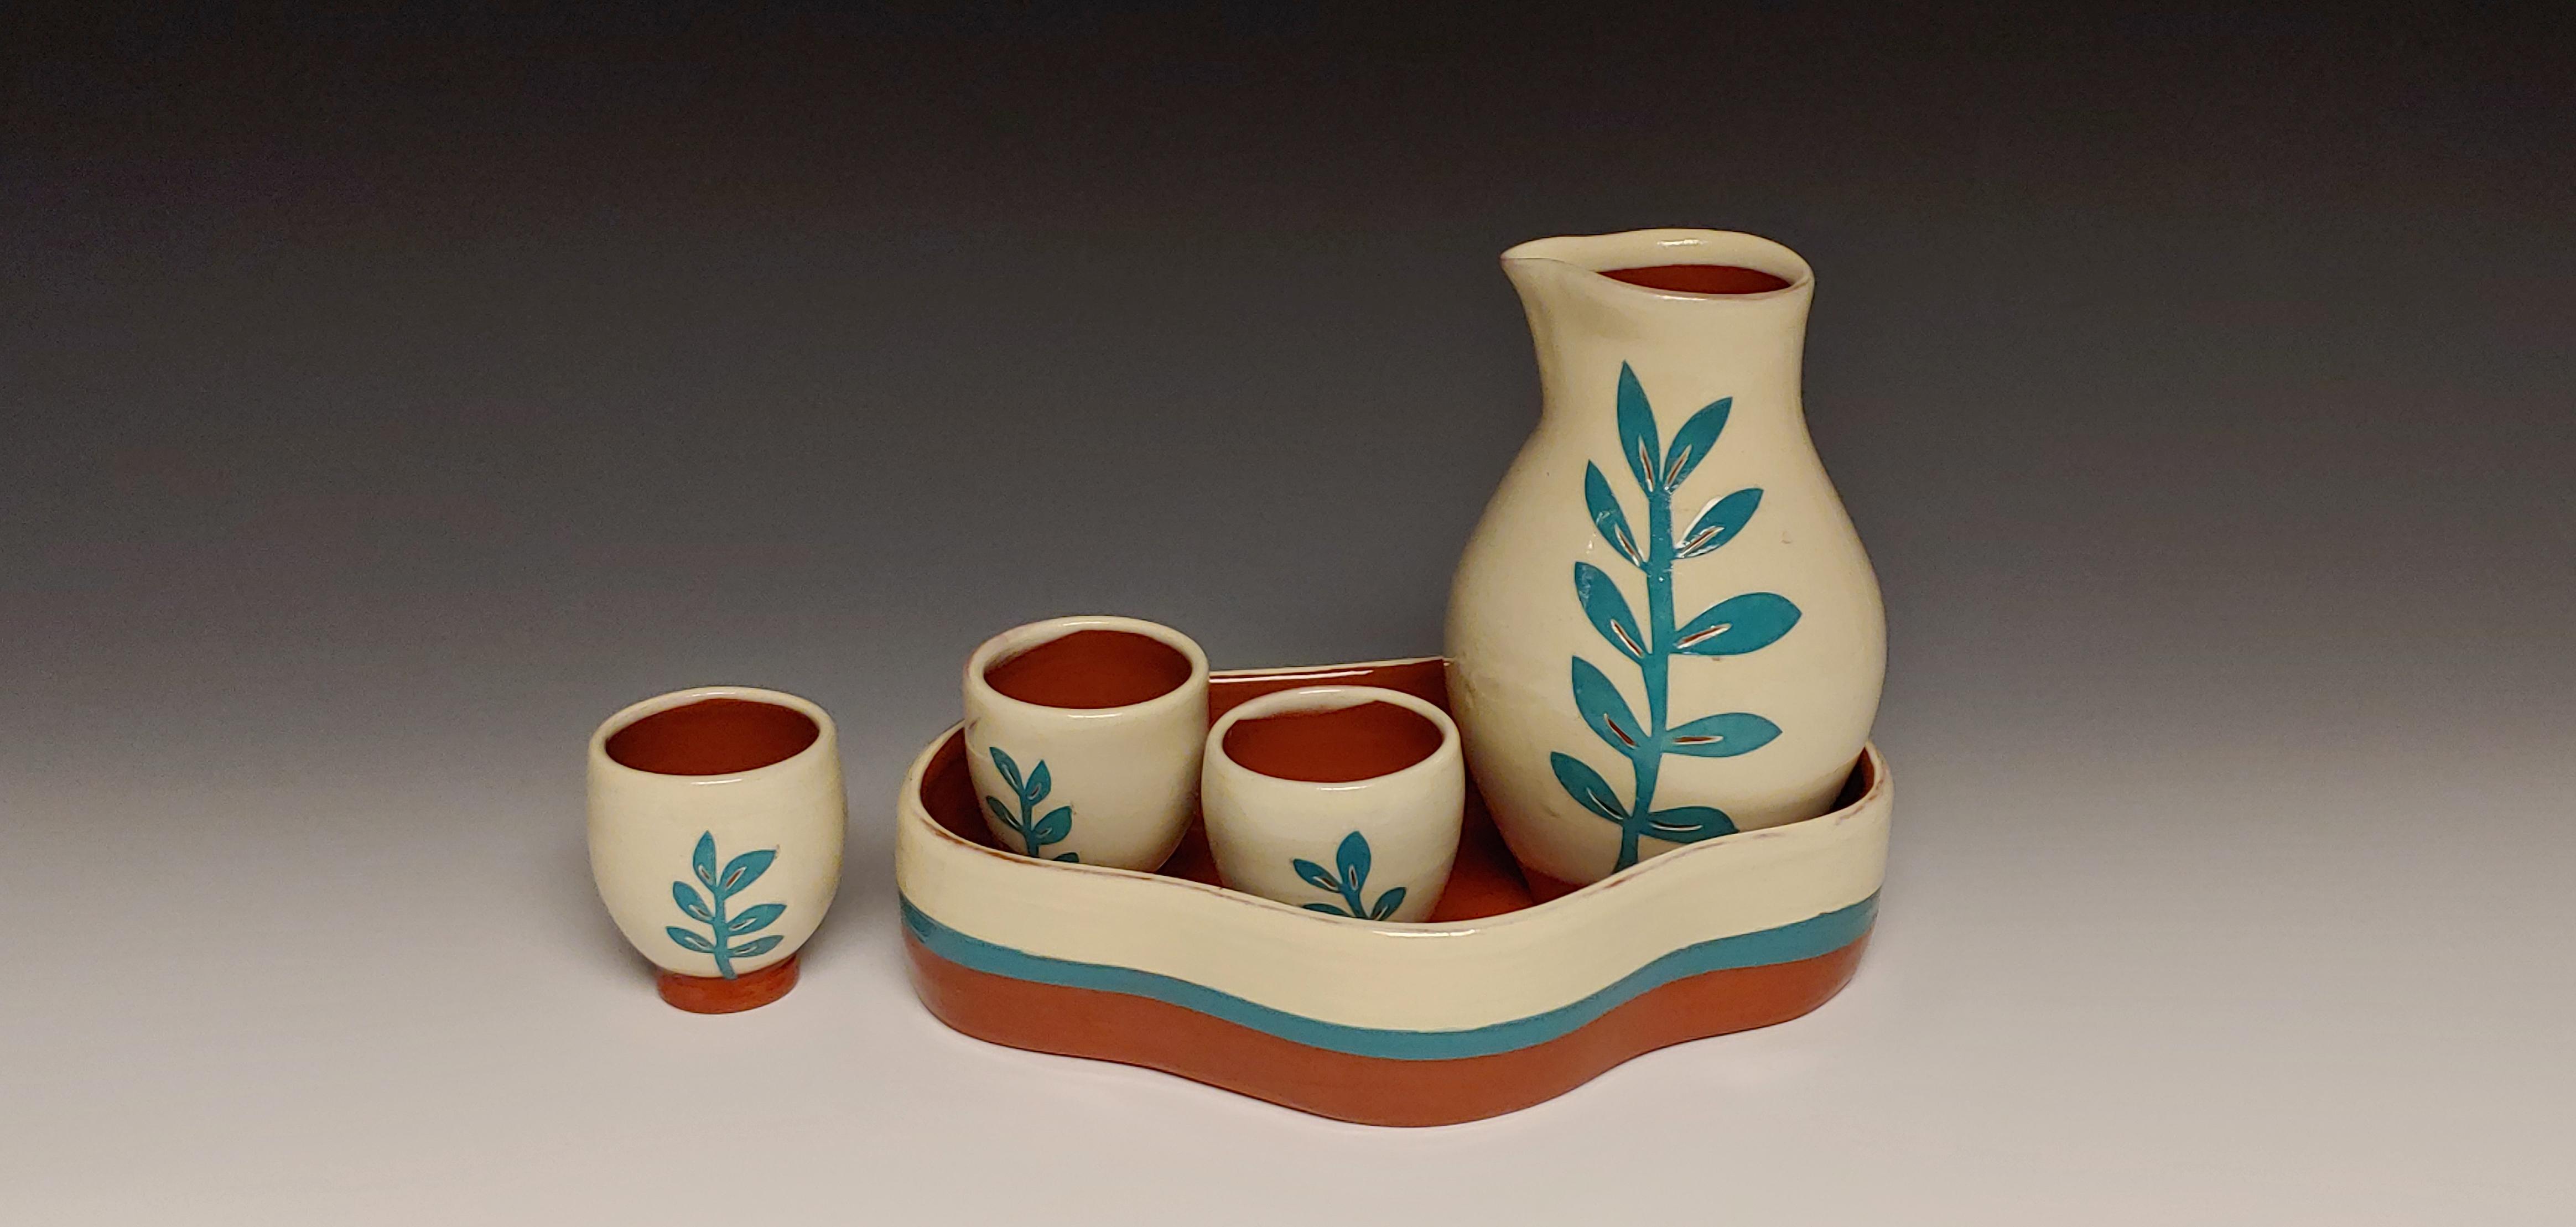 Turquoise Leafy Sake Set with Tray